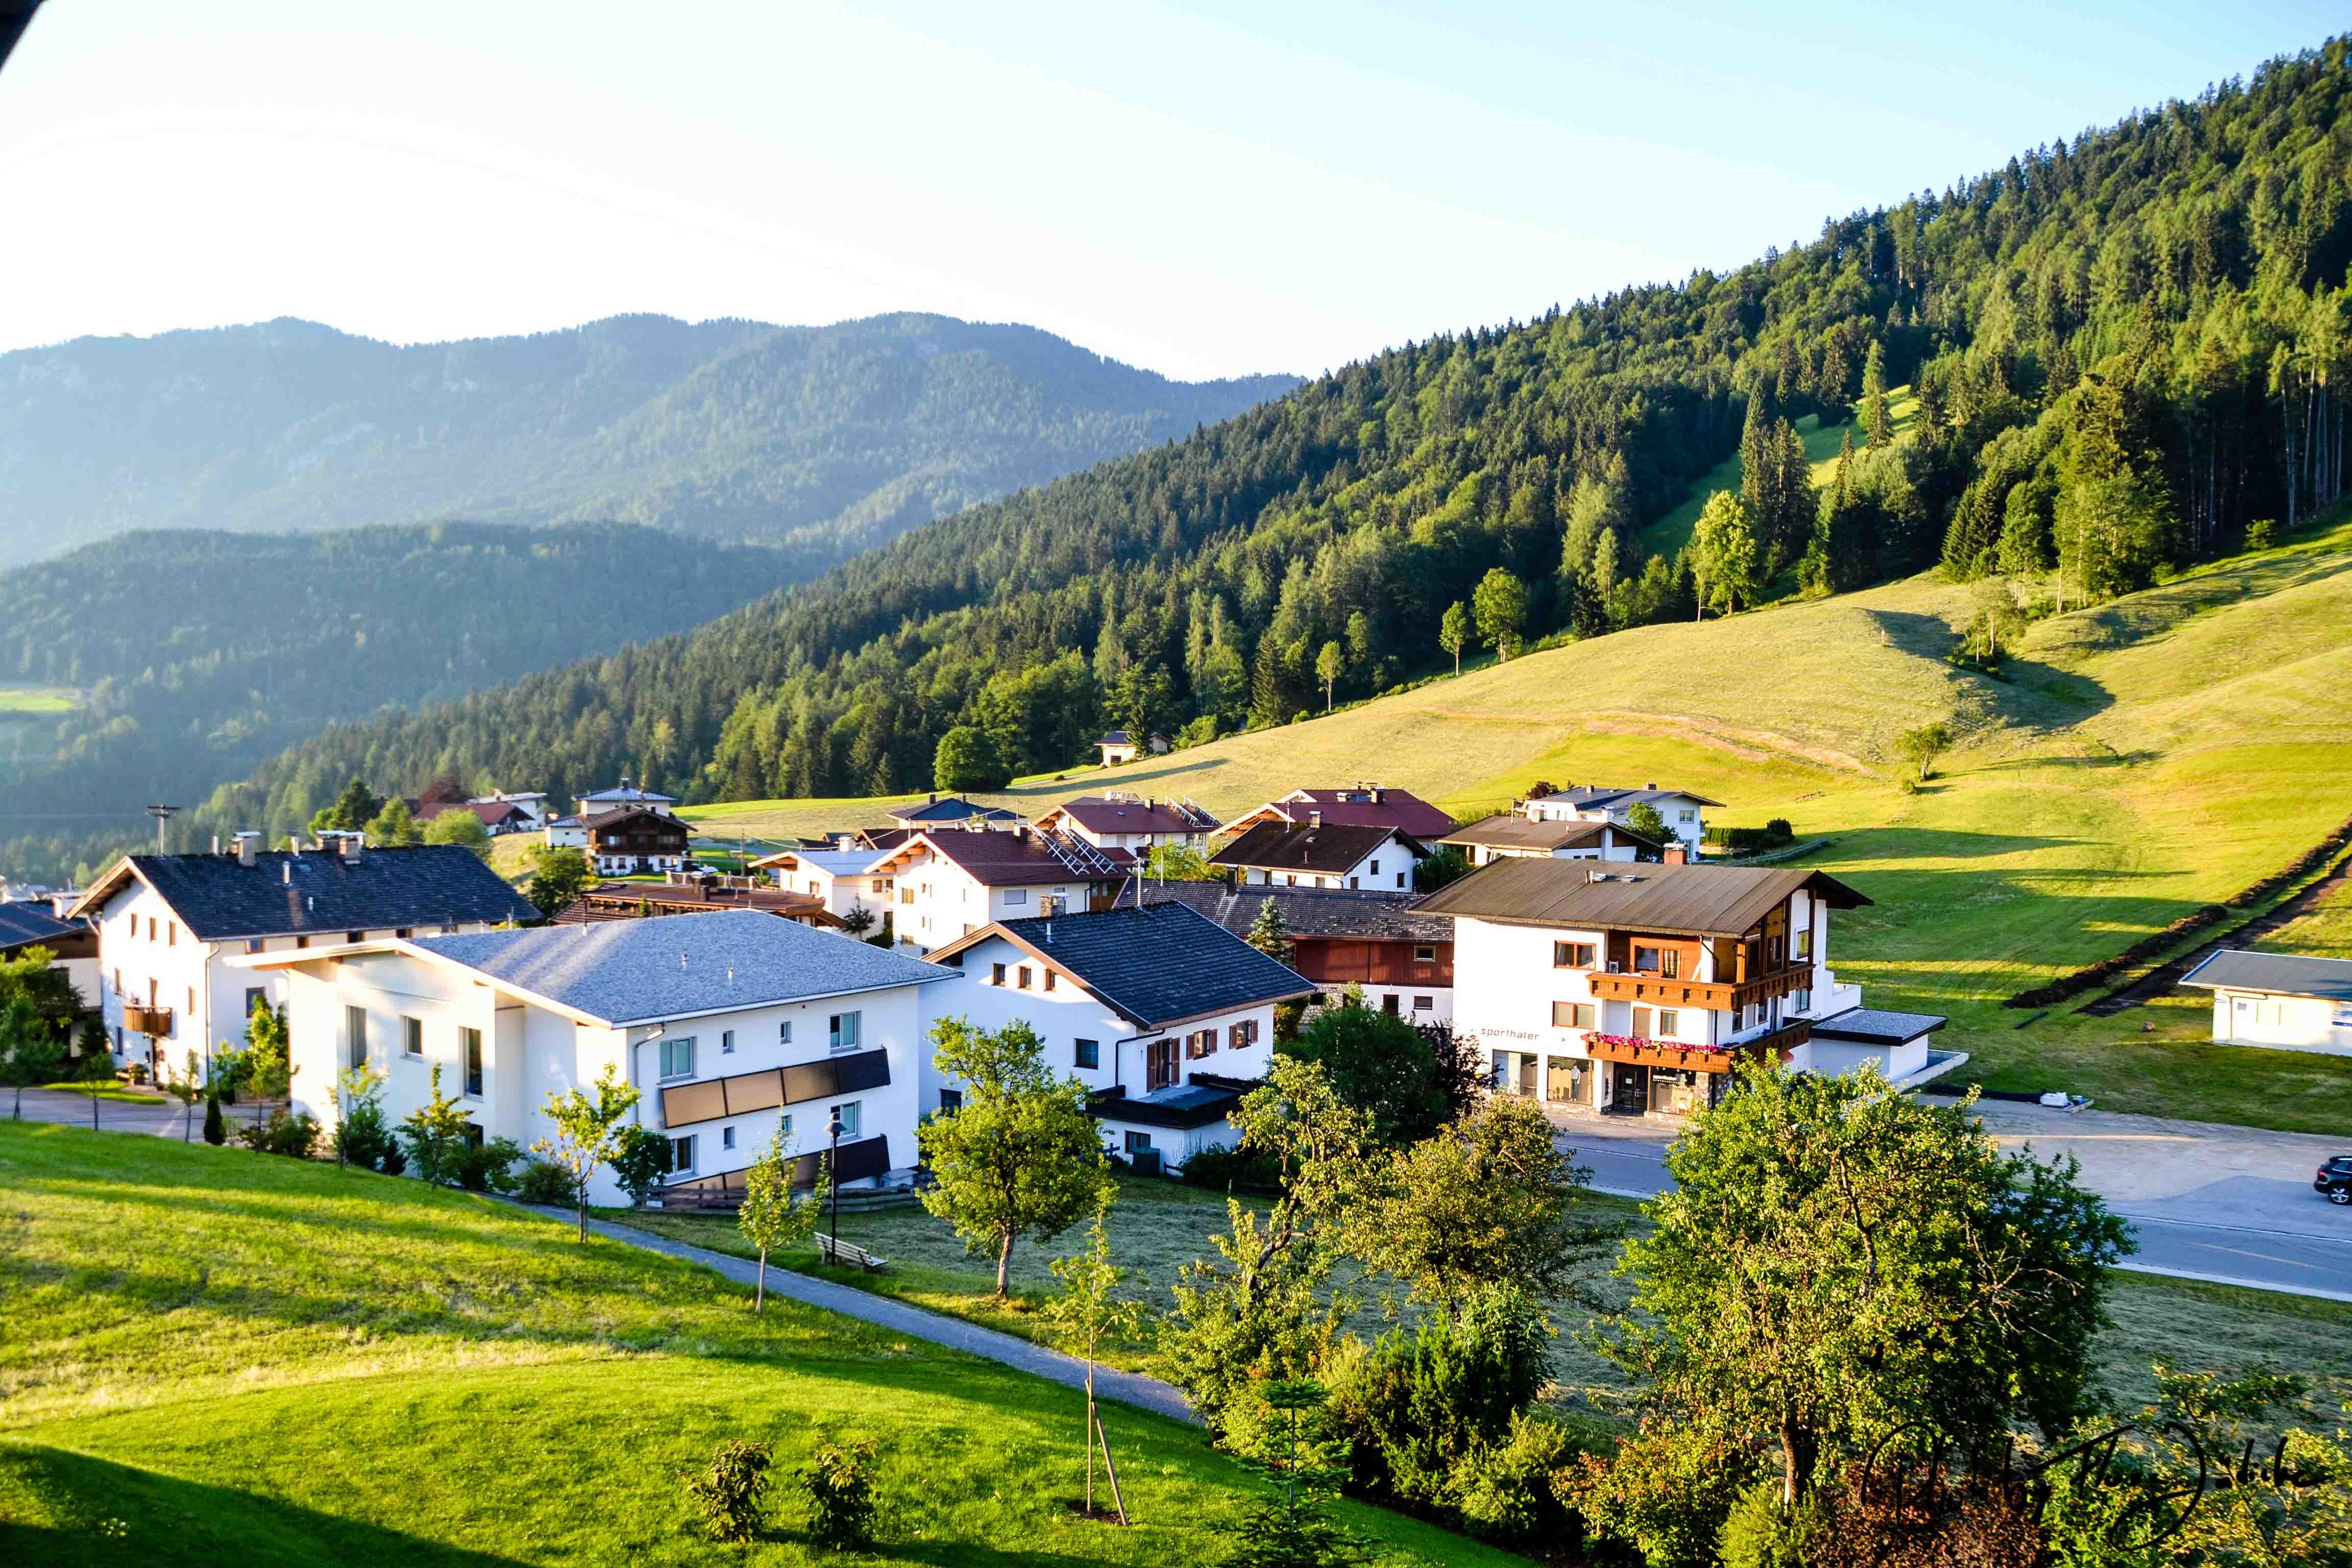 Hinterthiersee liegt auf etwa 900 Höhenmetern auf einem Hochplateau des Thiersee Tals. Foto: Flora Jädicke